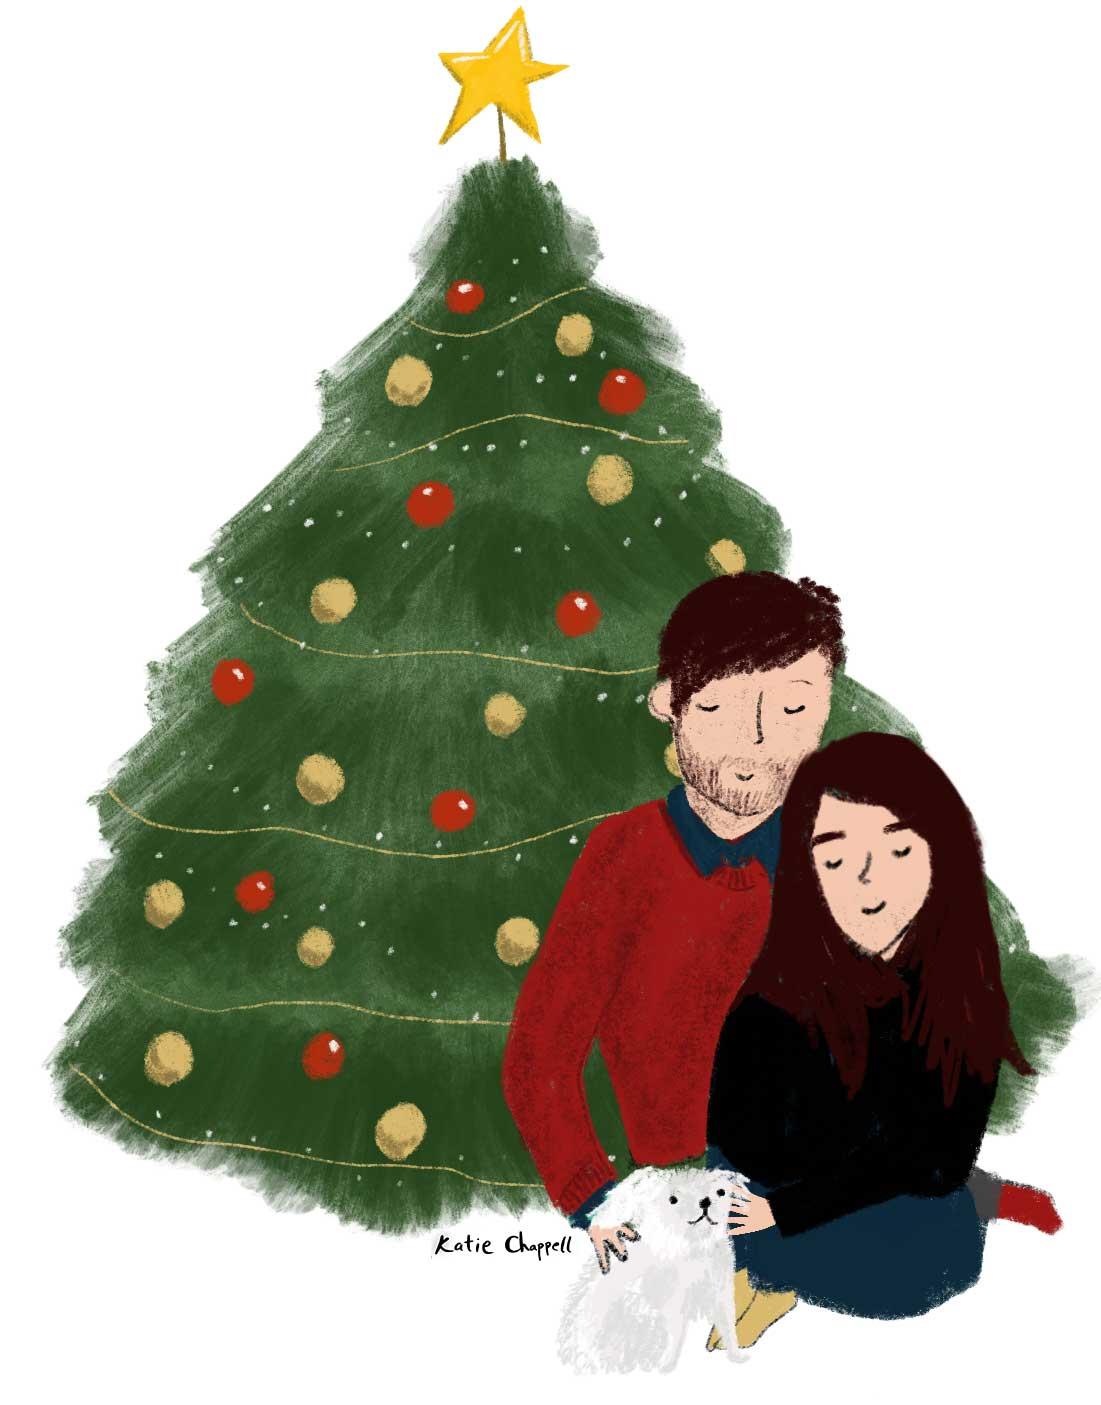 Christmas_Tree-illustration-edinburgh-katie-chappell.jpg